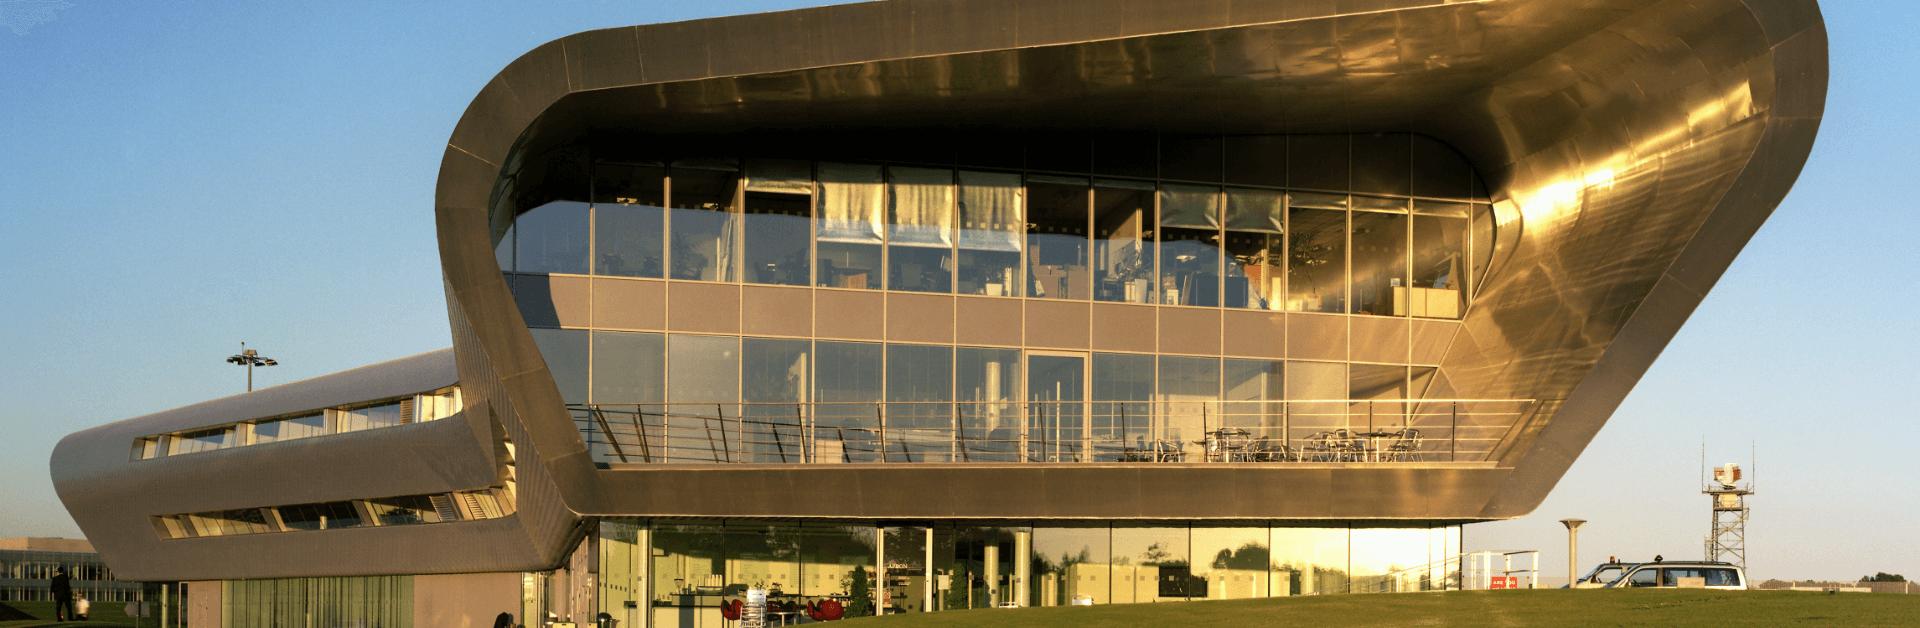 Farnborough Airport Chauffeurs